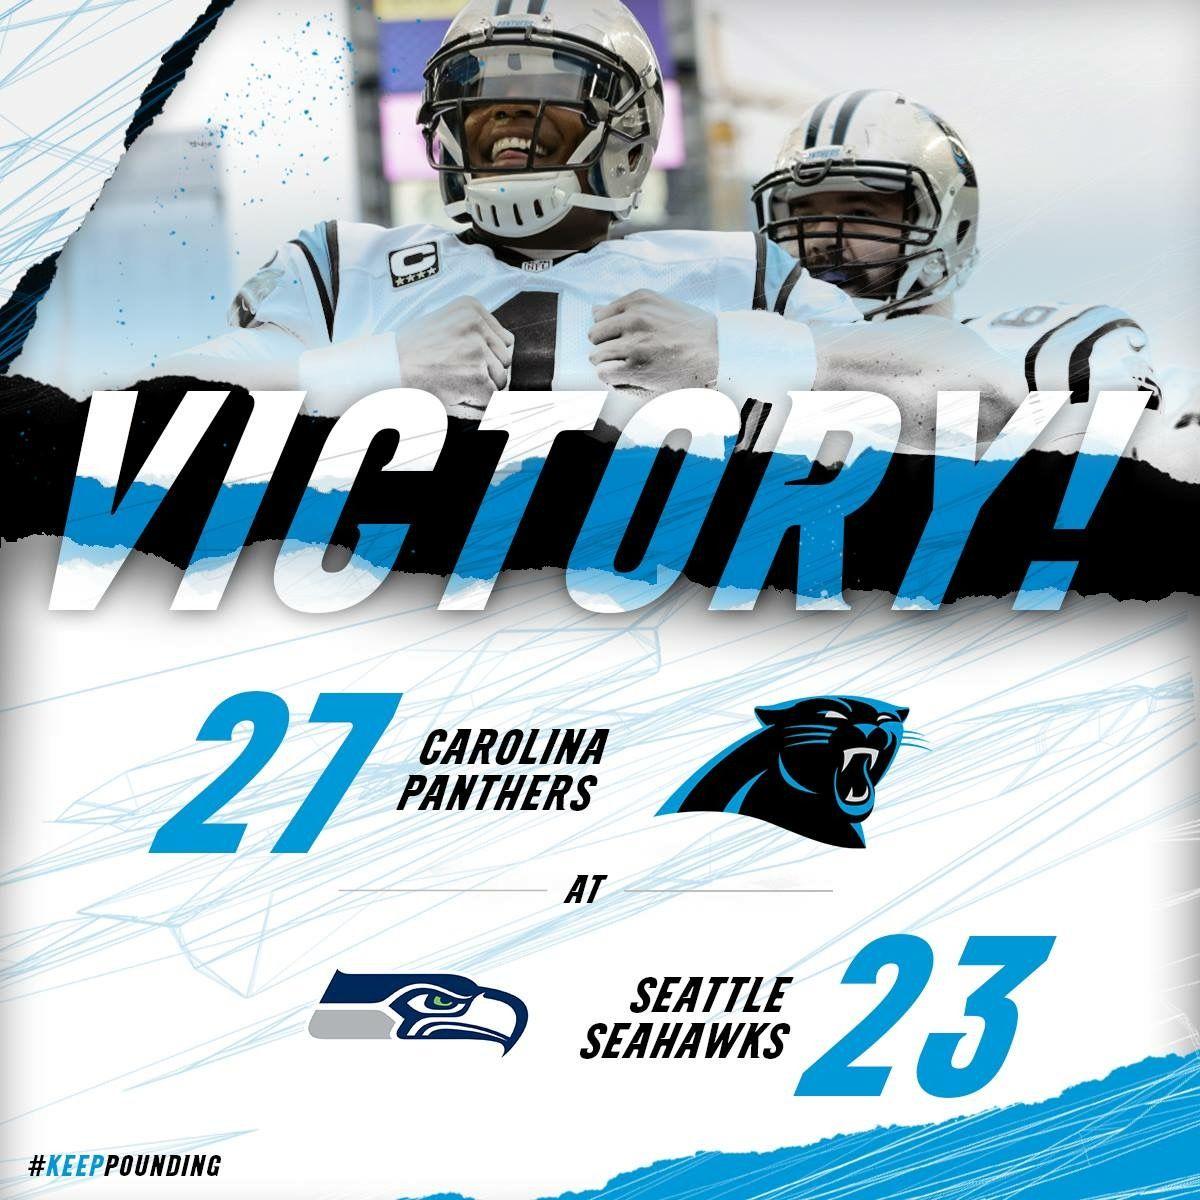 Pin by james sovine on Panther wins Carolina panthers